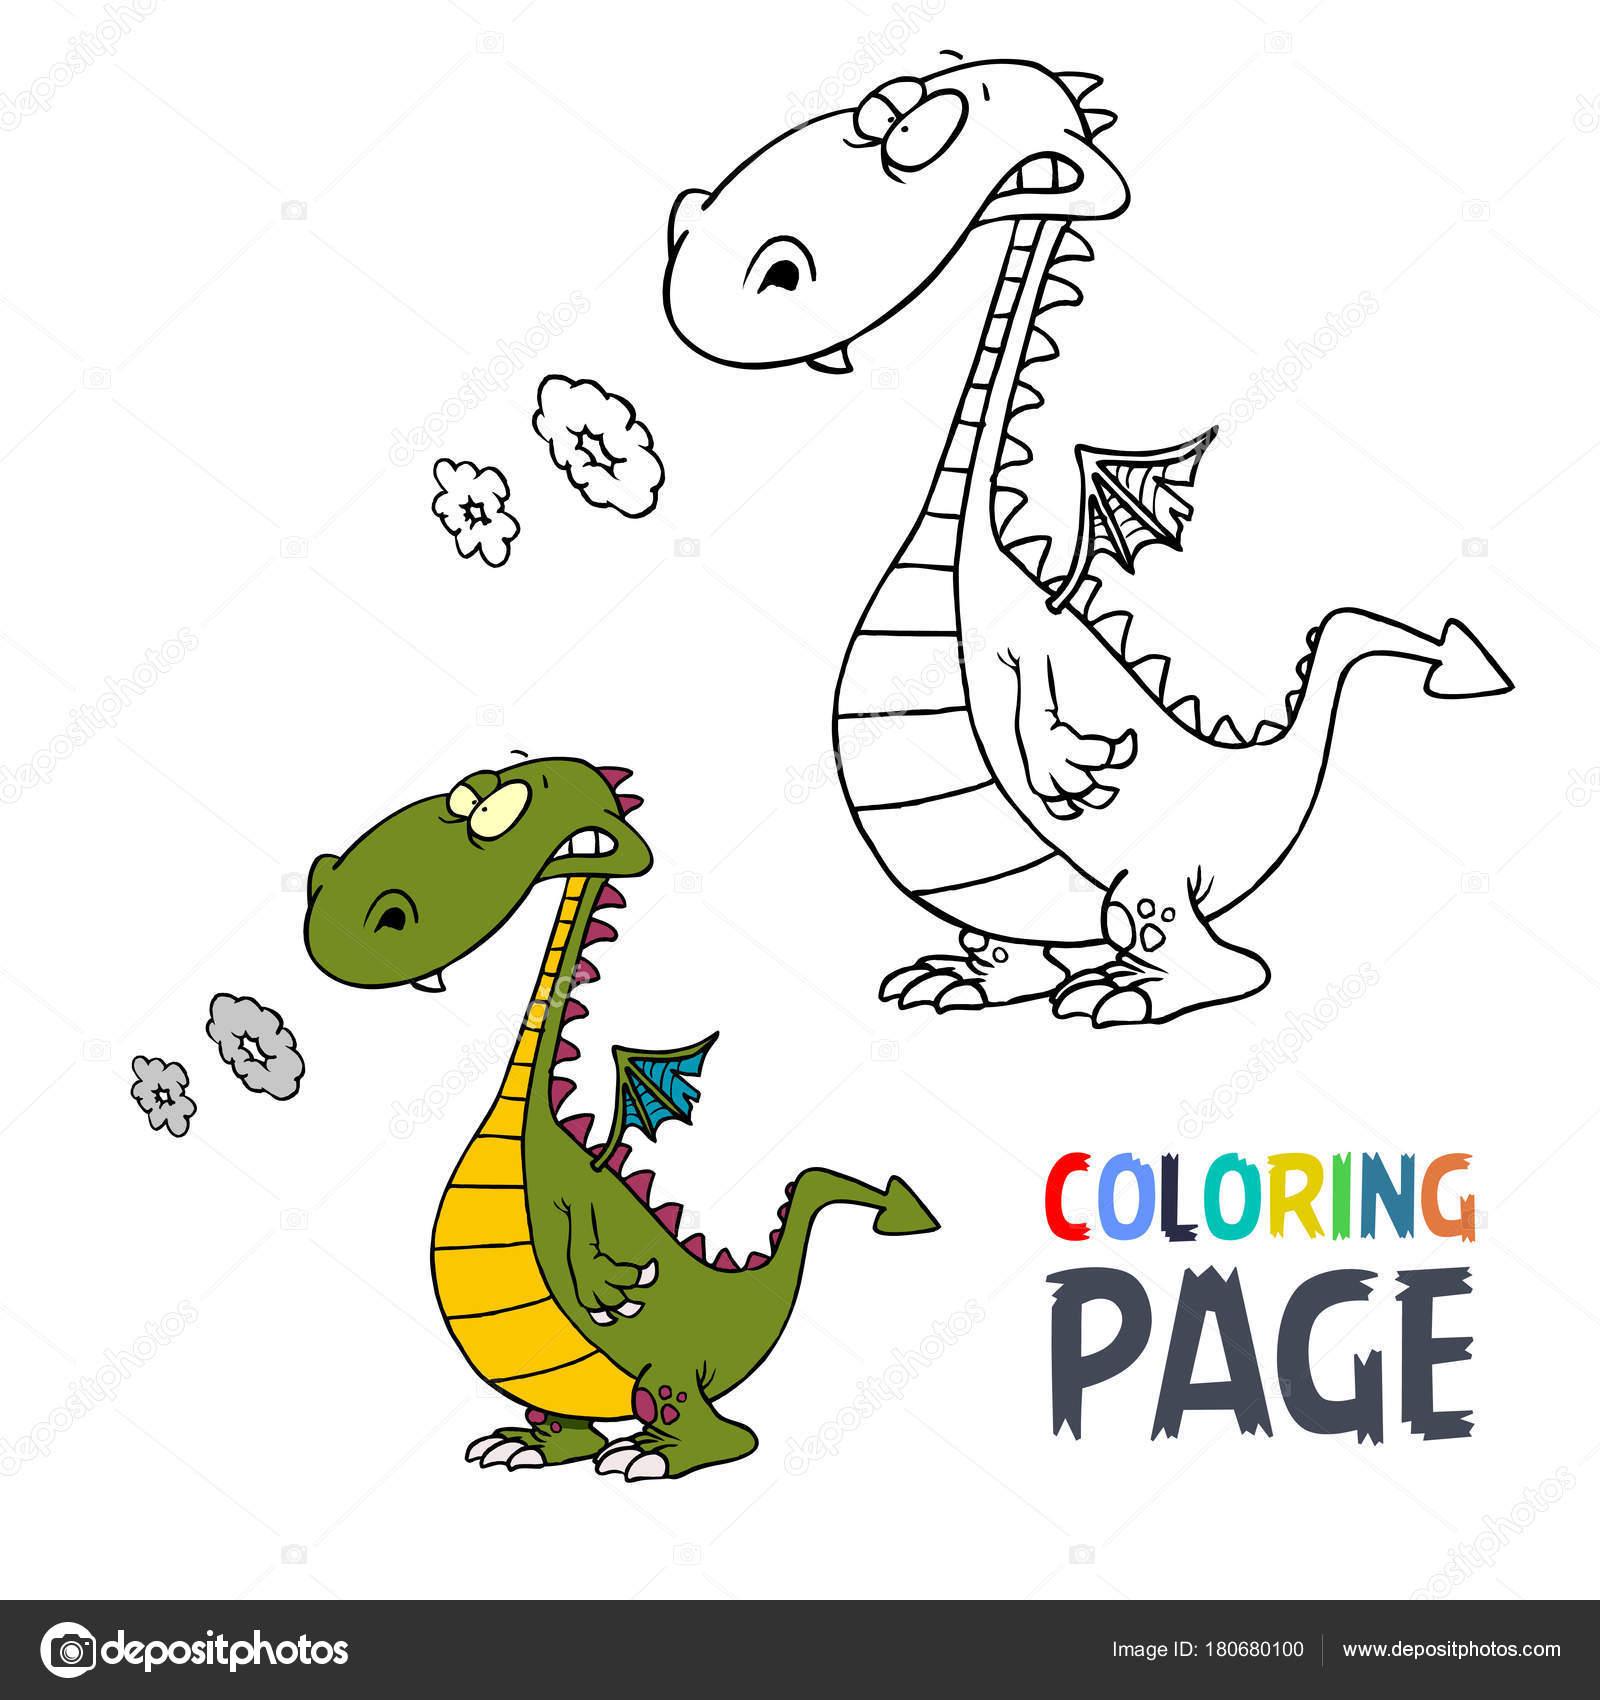 Malvorlagen Dinosaurier cartoon — Stockvektor © oriu007 #180680100